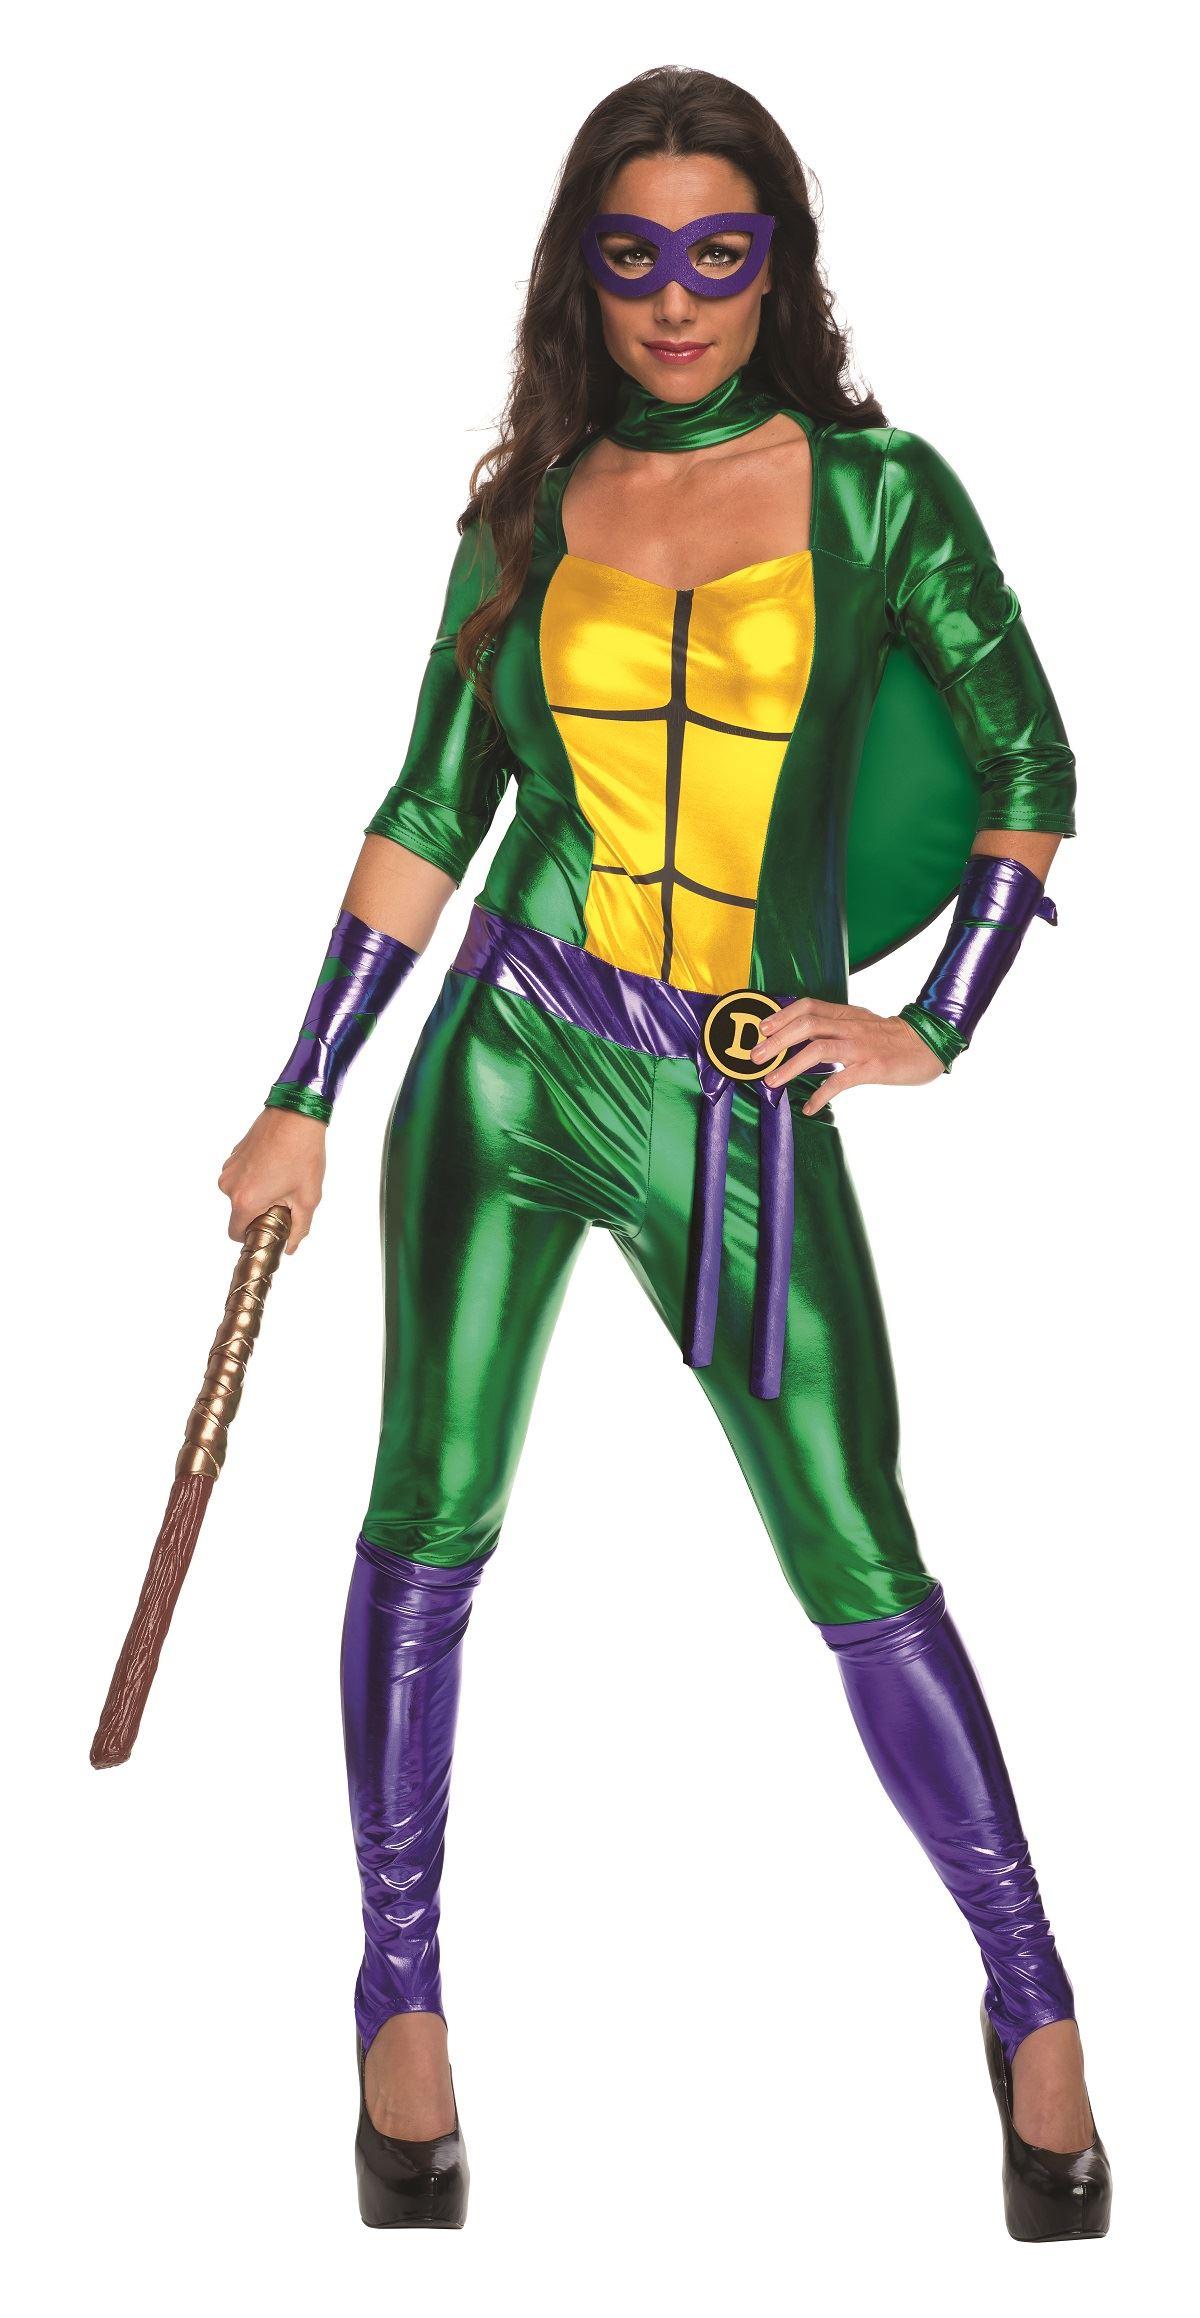 Adult Donatello Women Ninja Turtle Bodysuit Costume ...  sc 1 st  The Costume Land & Adult Donatello Women Ninja Turtle Bodysuit Costume | $57.99 | The ...